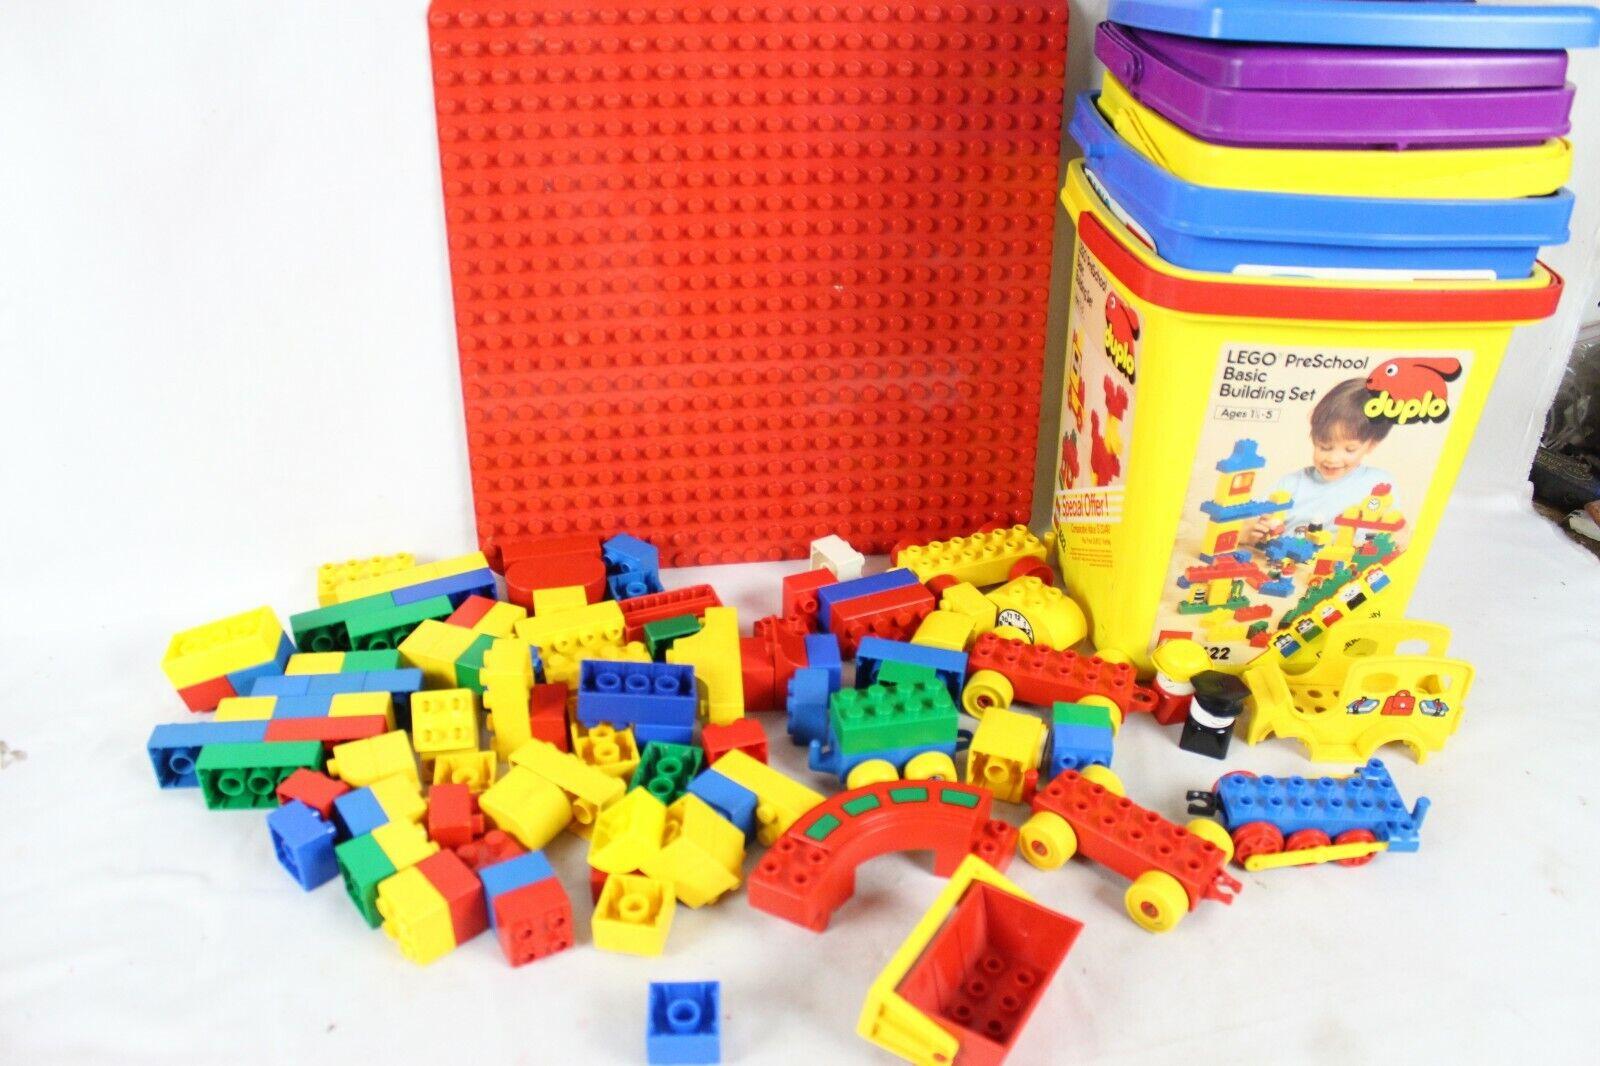 Rare Vintage Duplo Lego Set Container Lot Minifigure 1662 1622 2494 1689